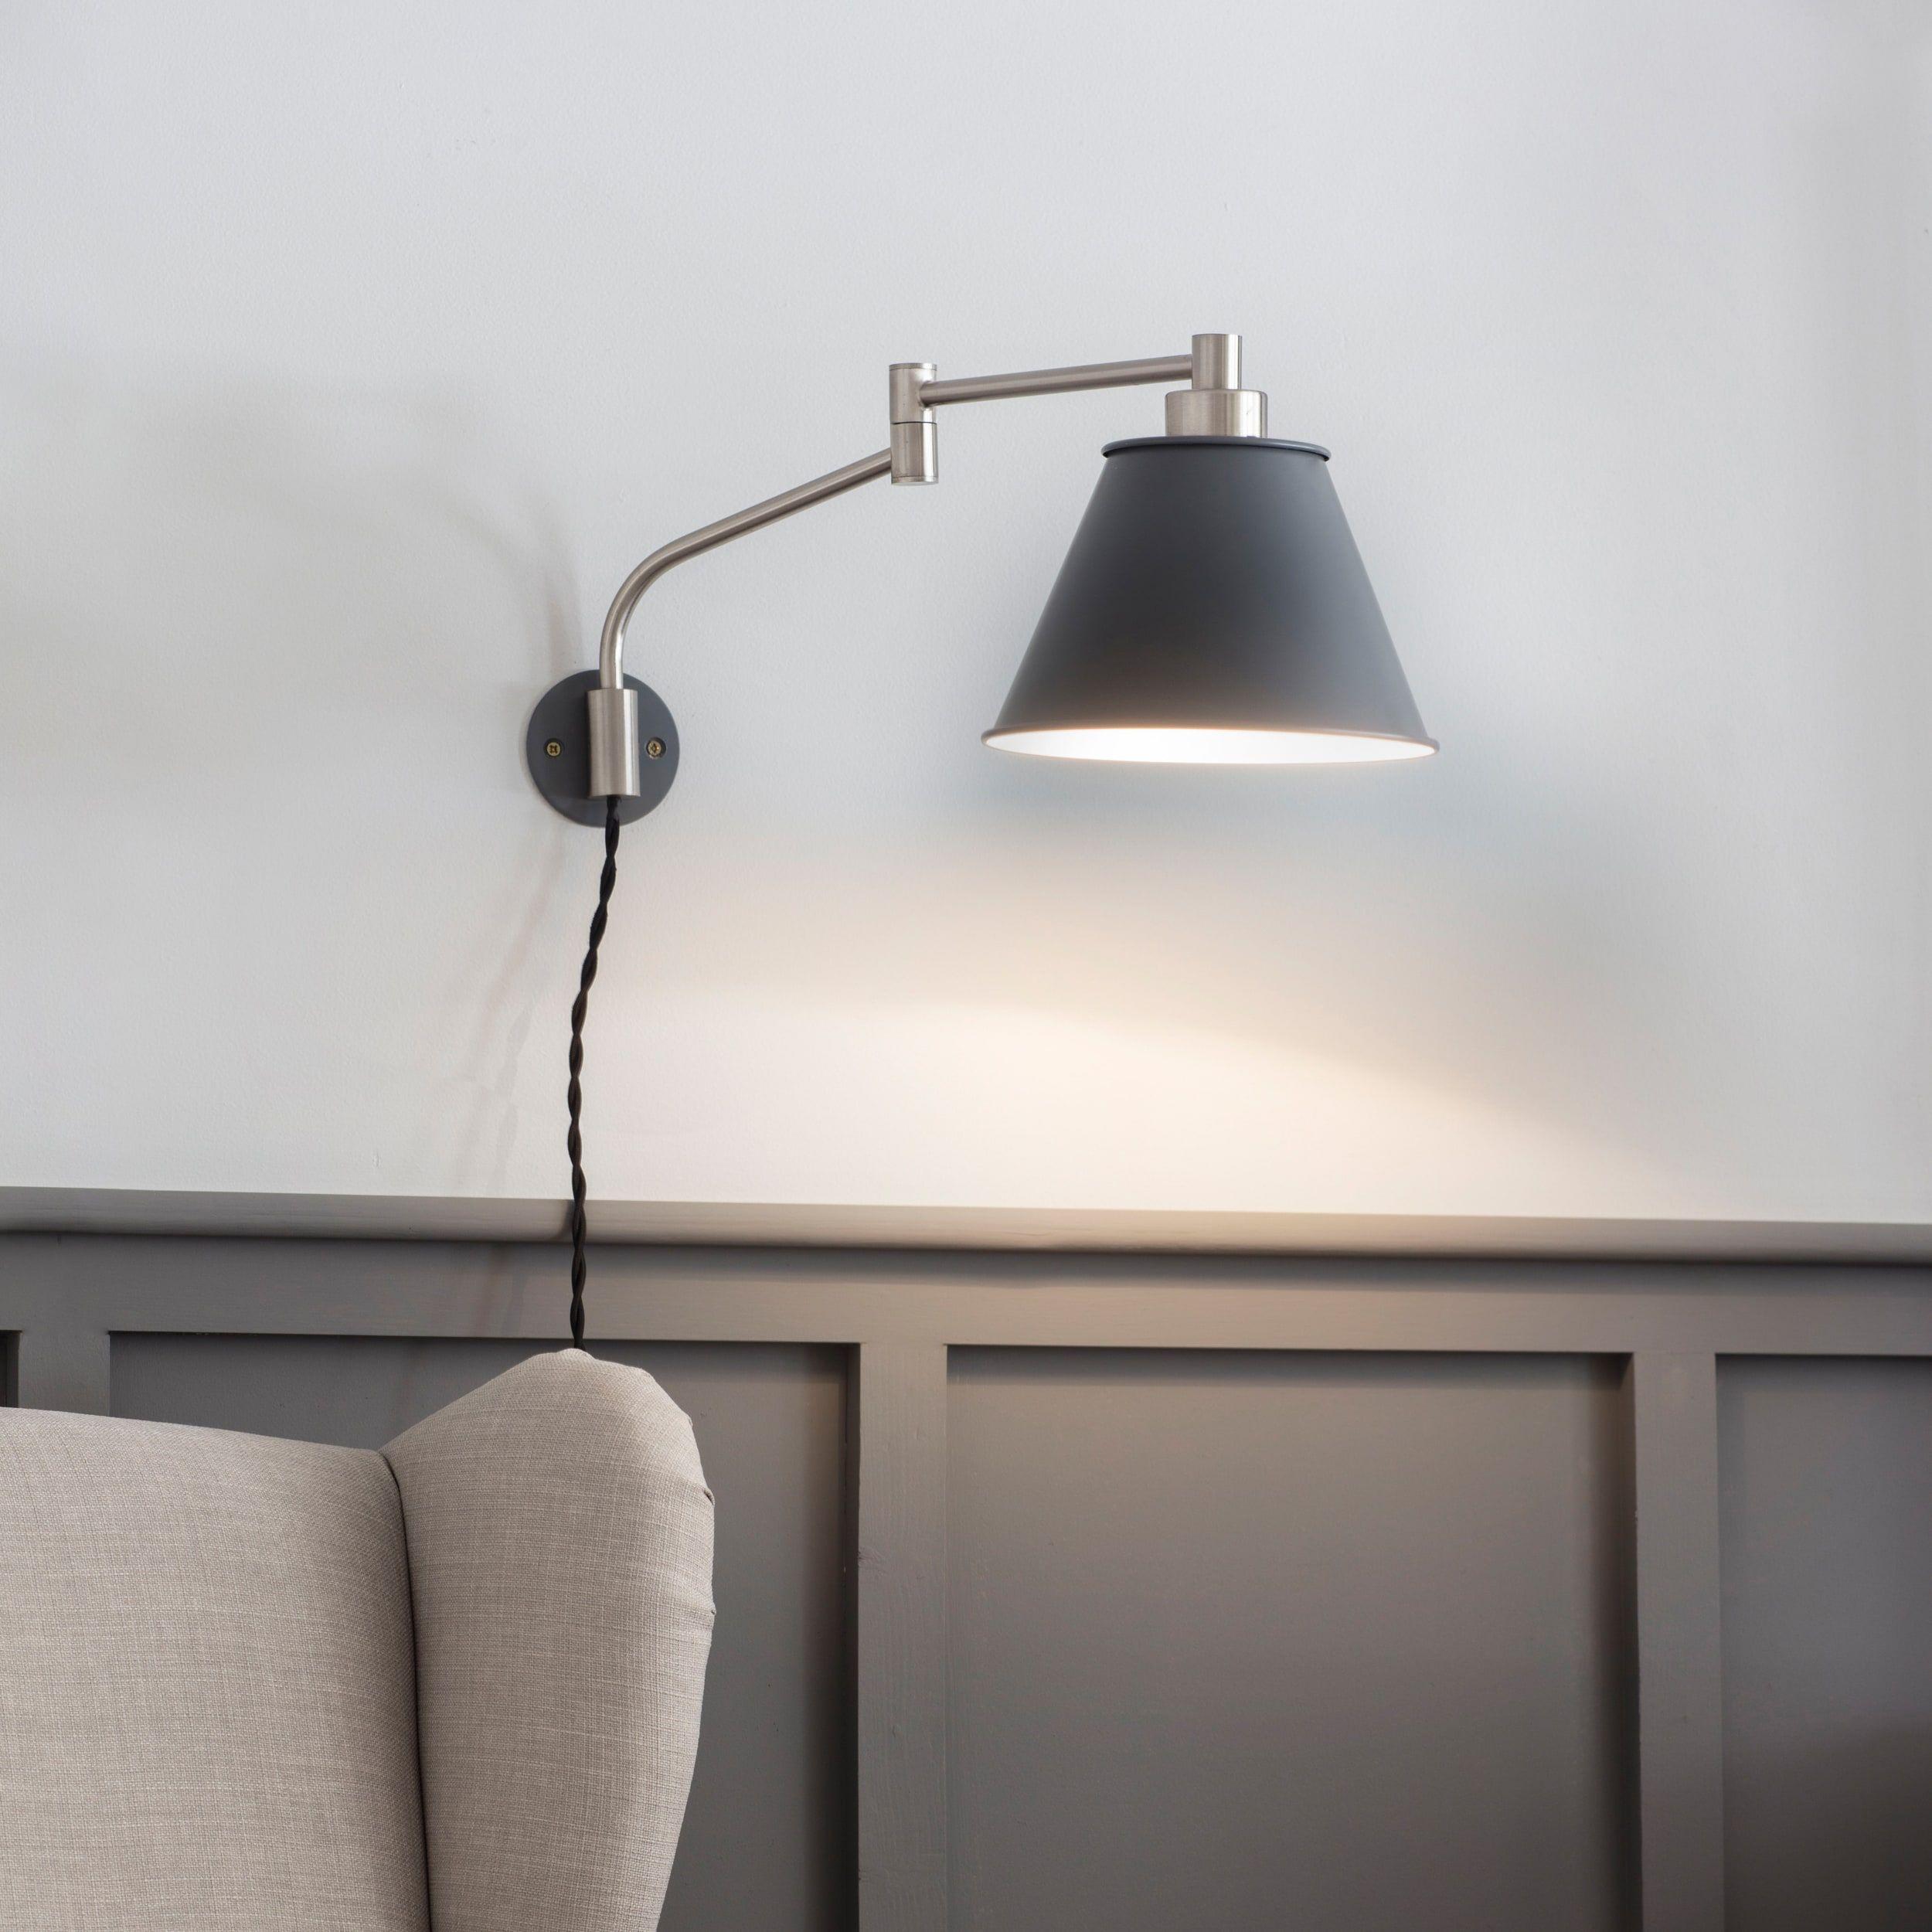 Westport Wall Light Adjustable Wall Light Wall Lights Indoor Wall Lights